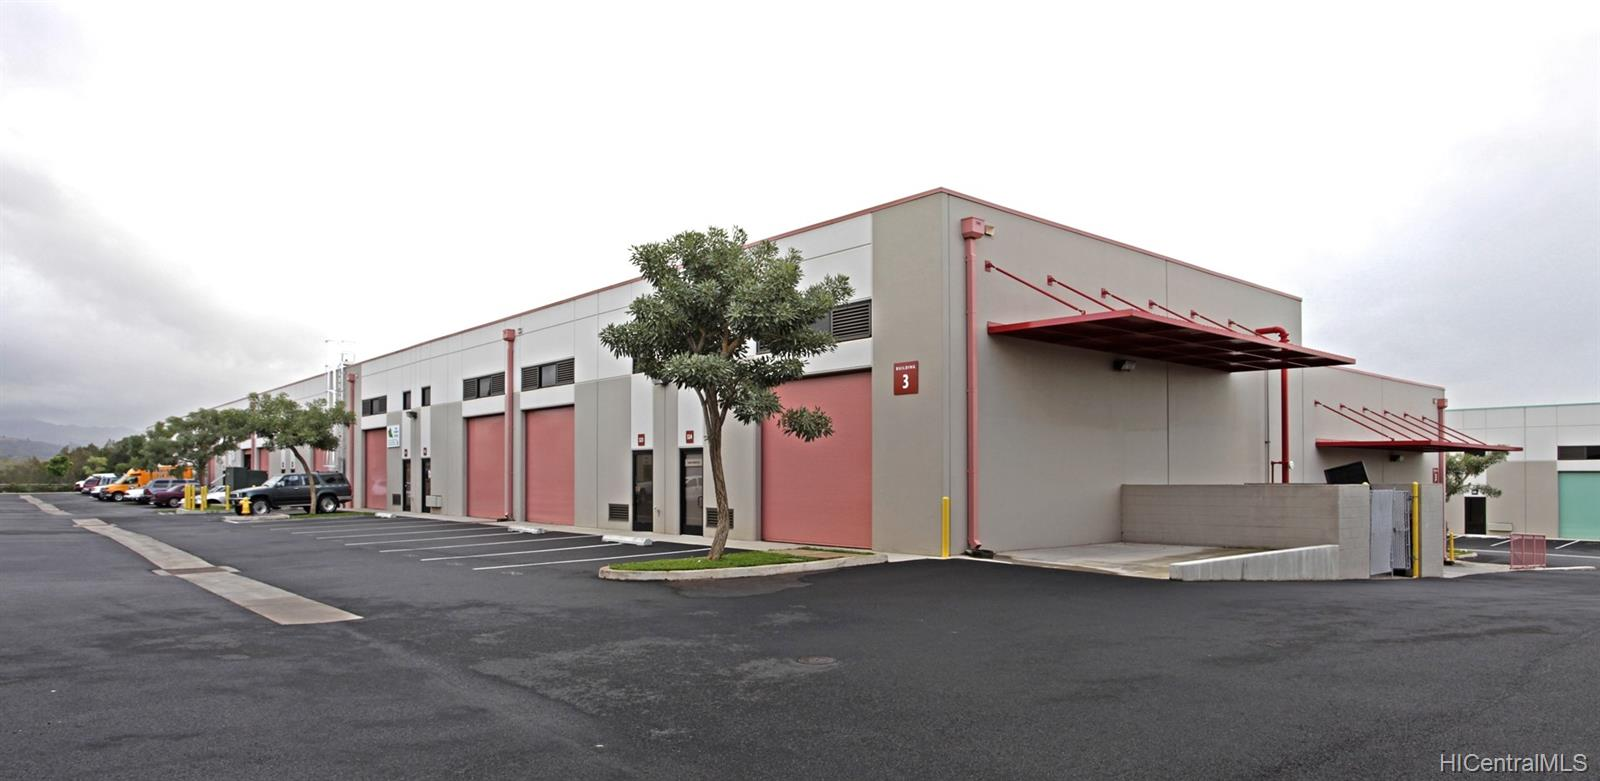 94-1388 Moaniani Street Waipahu Oahu commercial real estate photo2 of 2